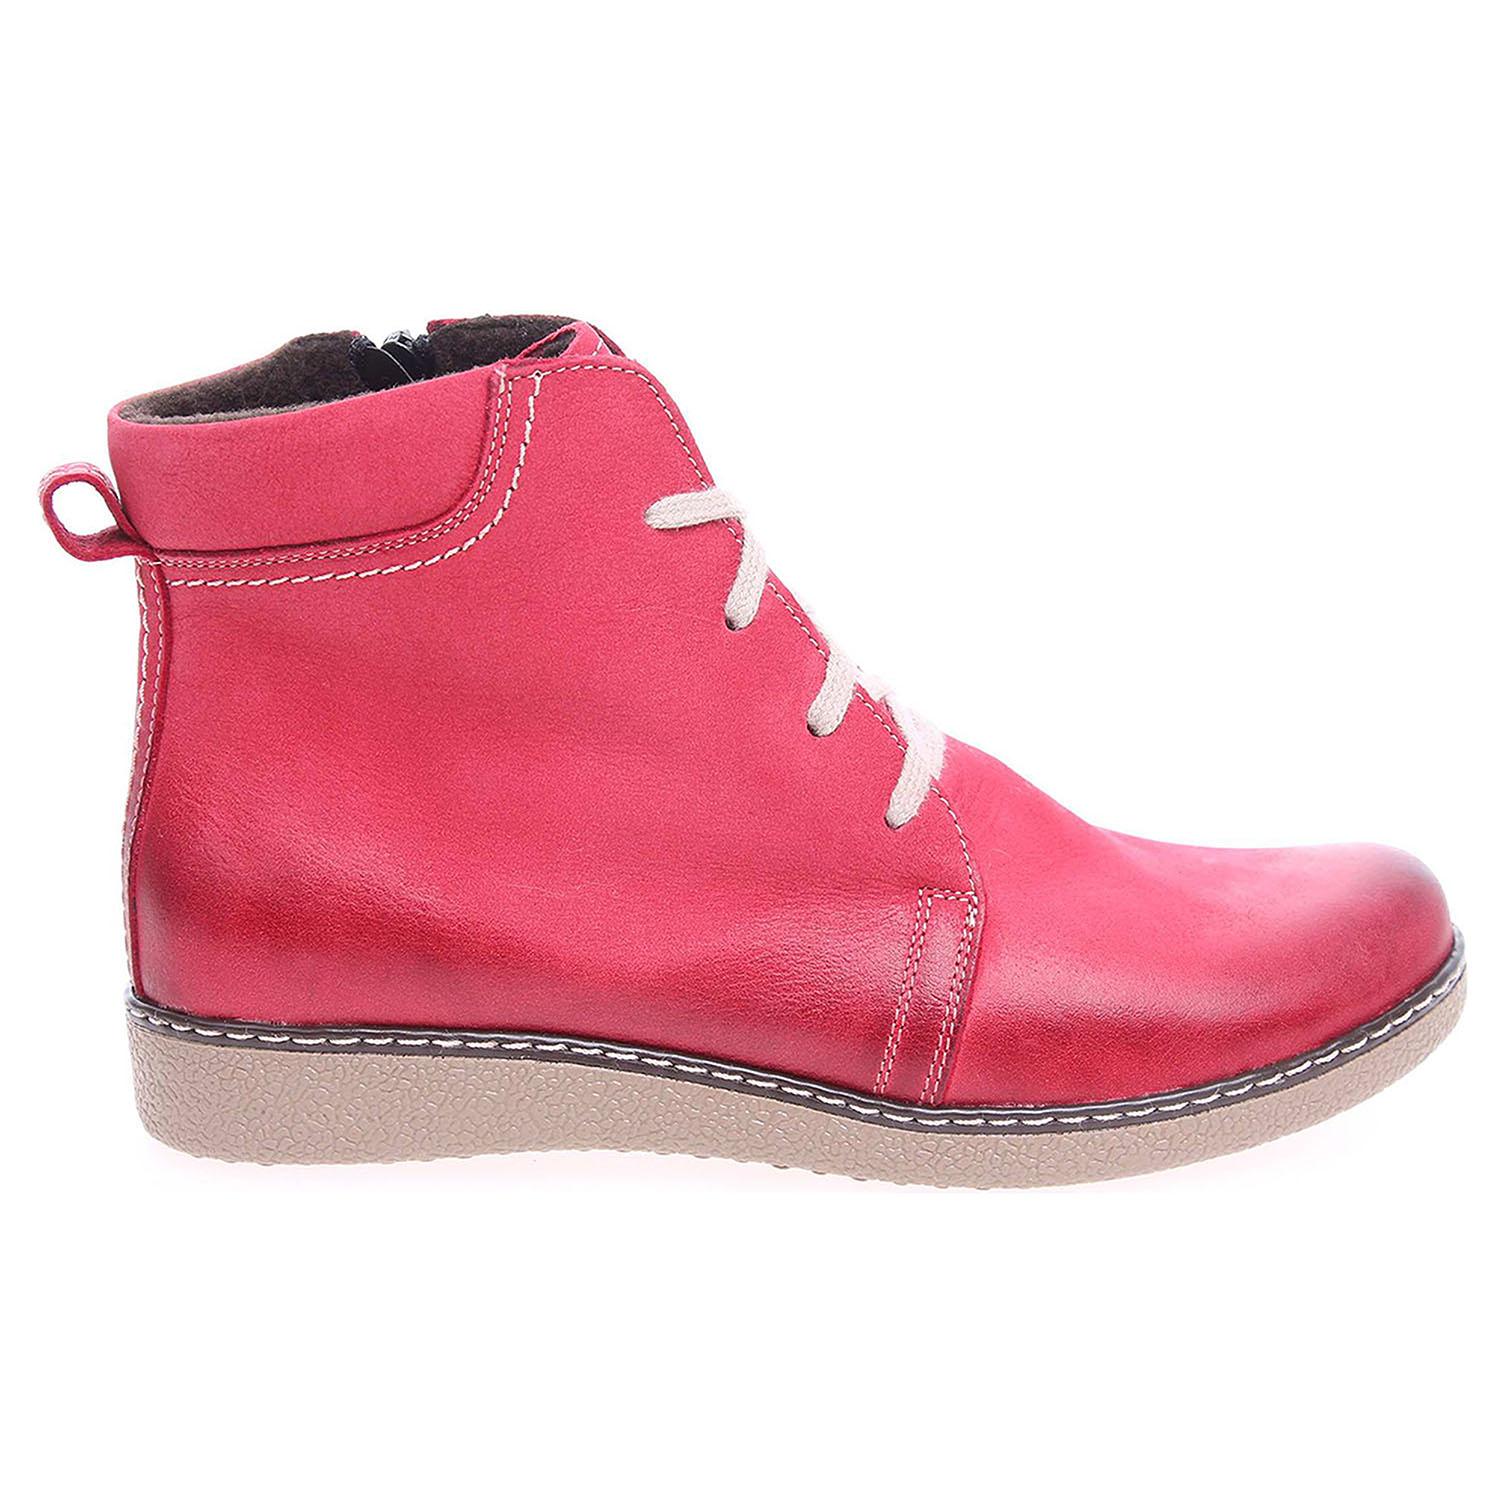 917949fd4ed4f Dámská kotníková obuv J3171C červená J3171 C červ 37